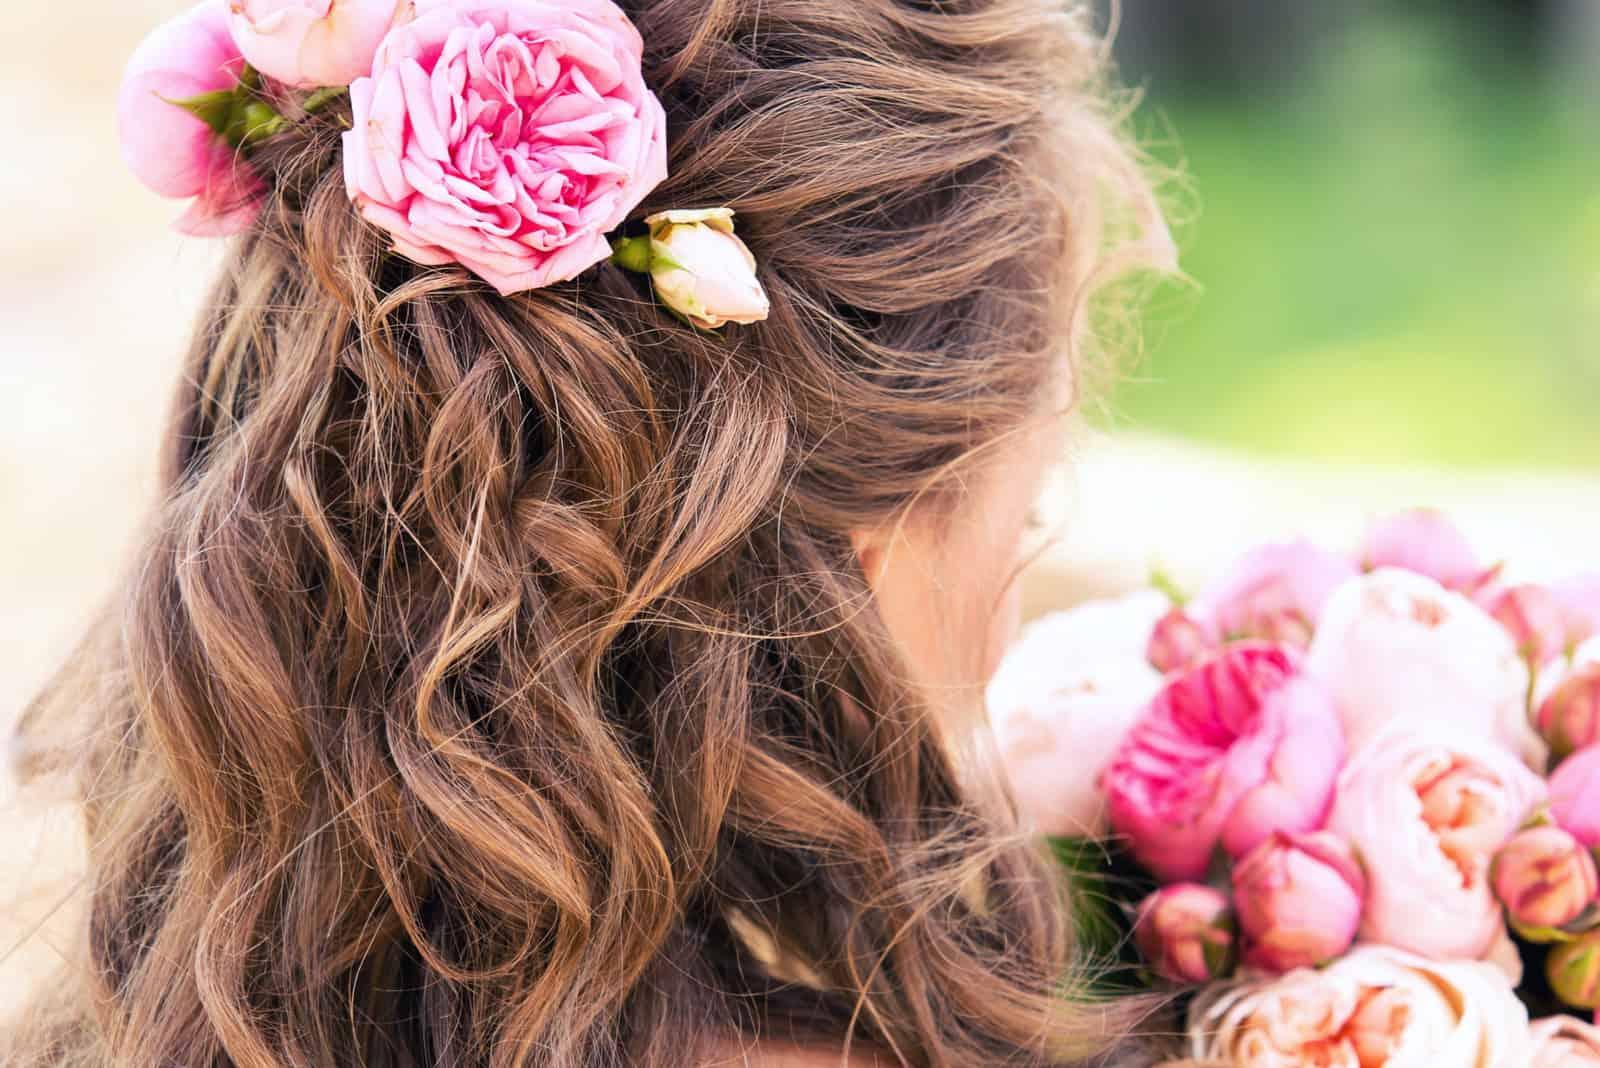 Blumen im Haar der Braut